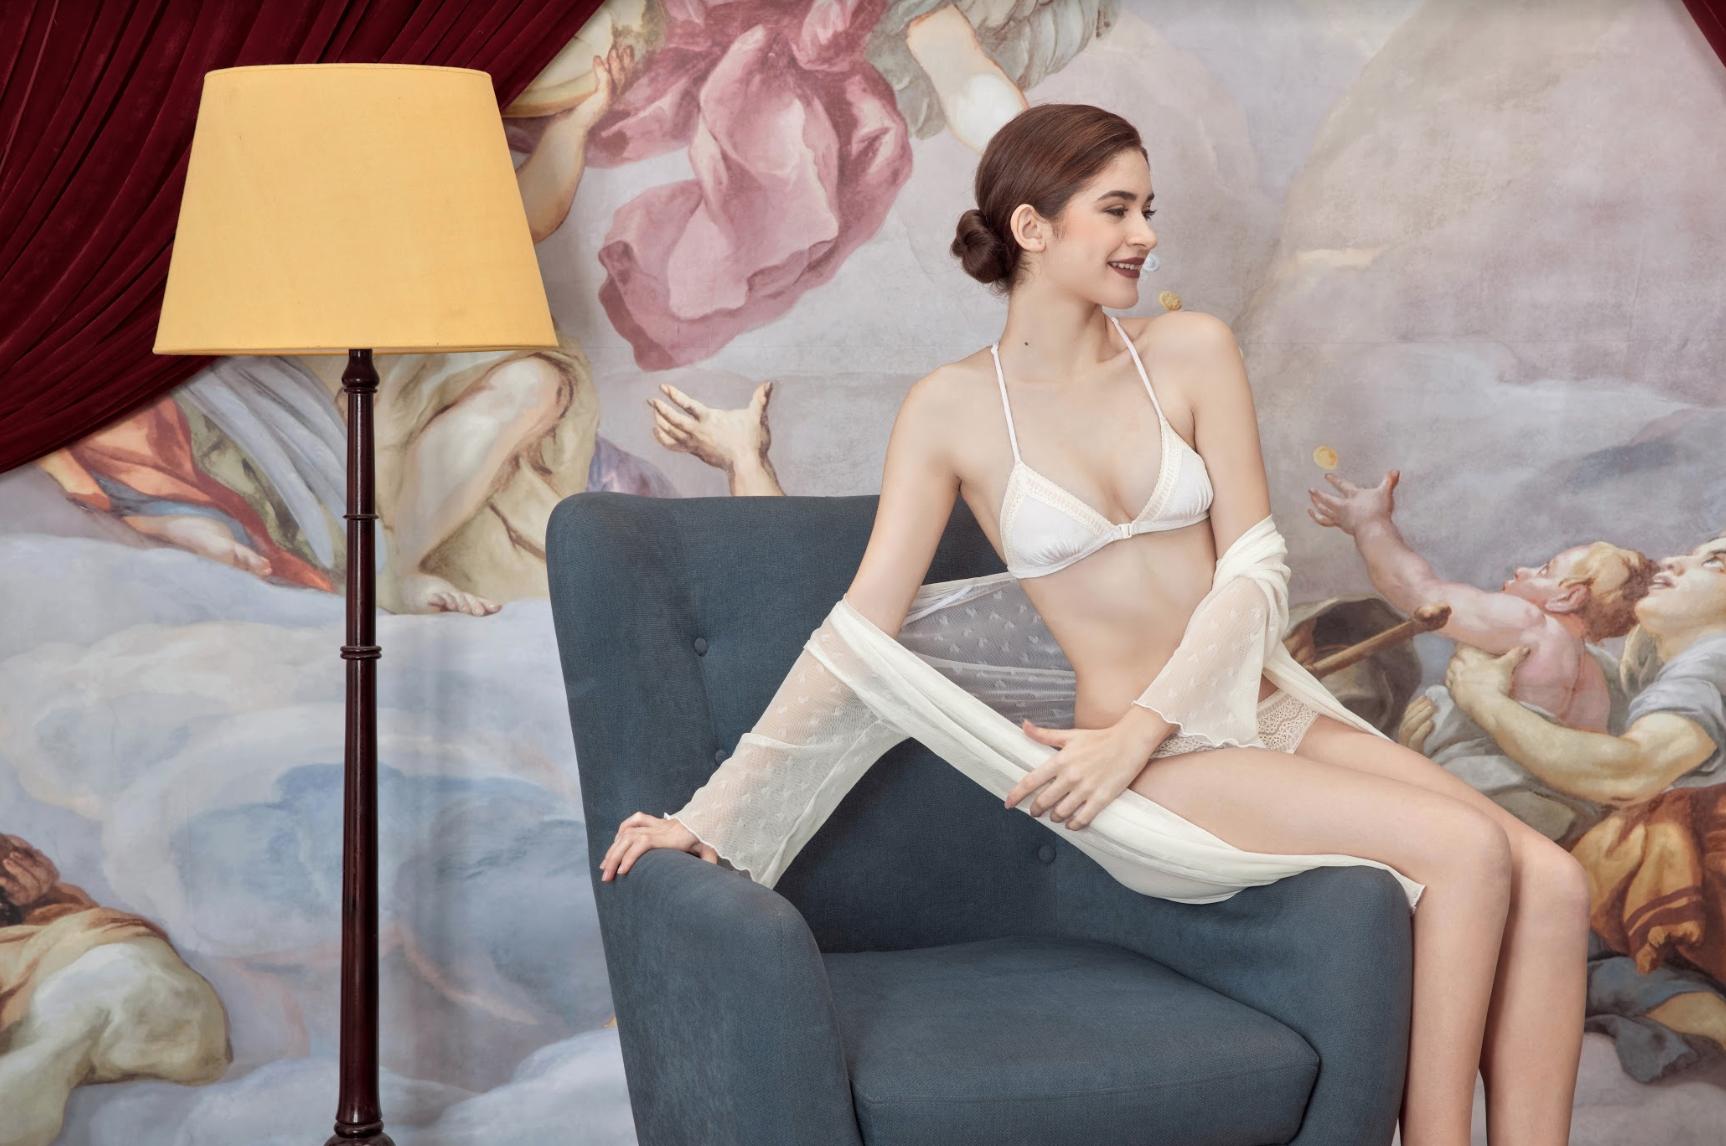 Zenna Lingerie – Tiên phong trong phong cách nội y thời trang tại Việt Nam